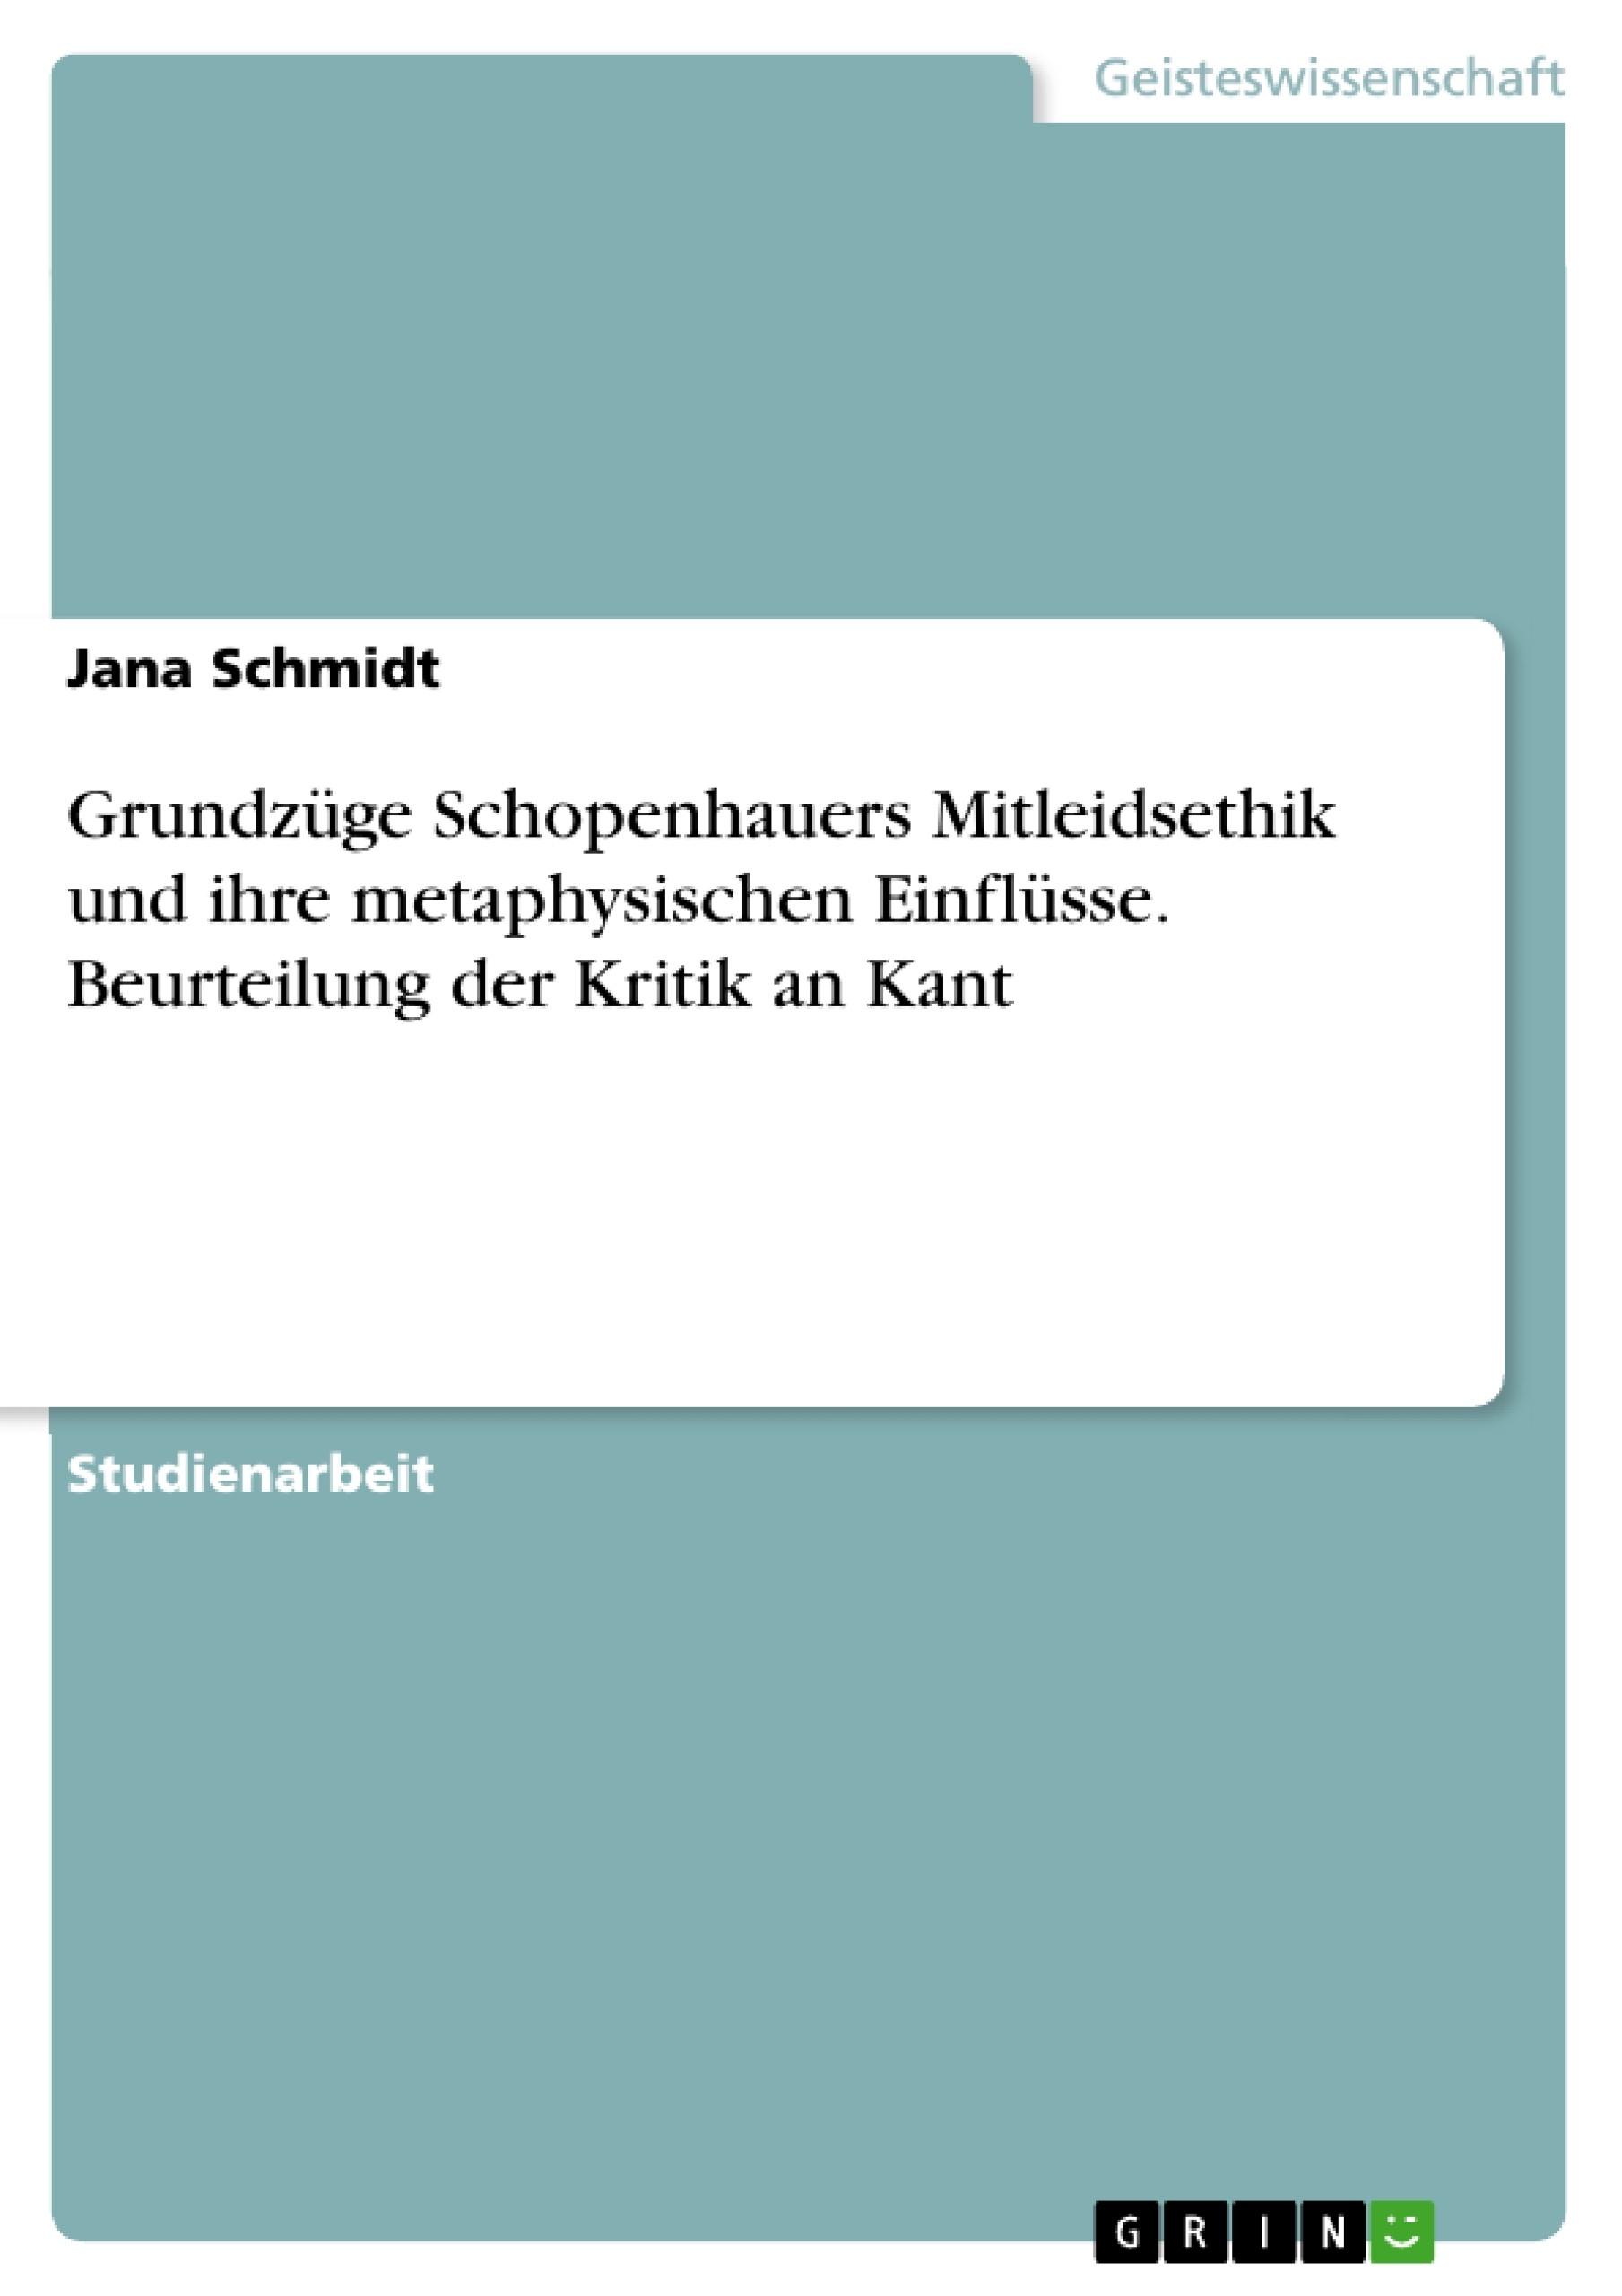 Titel: Grundzüge Schopenhauers Mitleidsethik und ihre metaphysischen Einflüsse. Beurteilung der Kritik an Kant